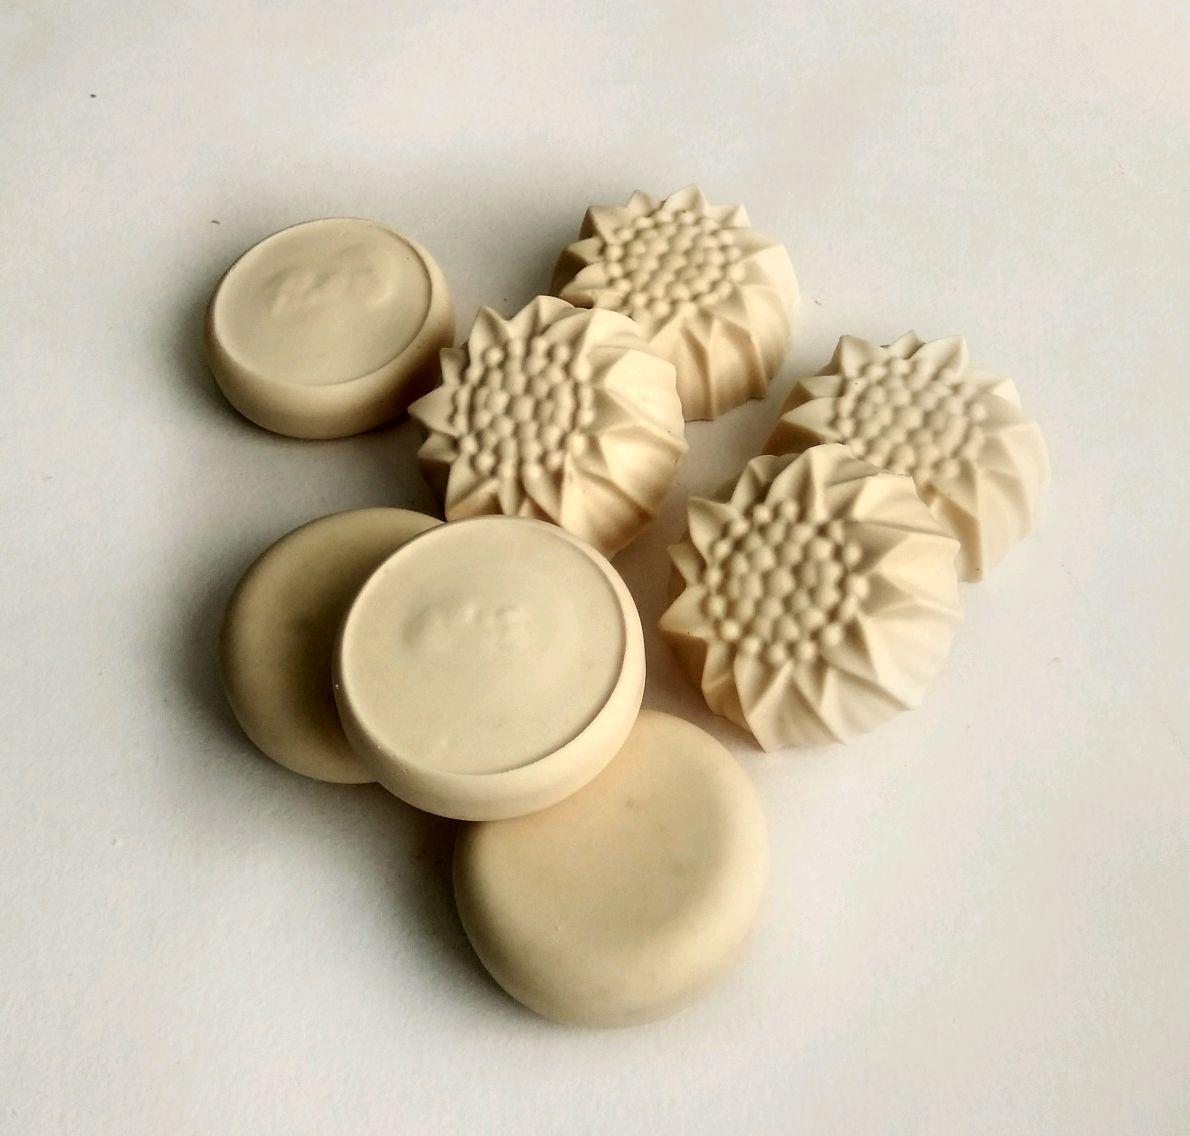 """Мыло ручной работы. Ярмарка Мастеров - ручная работа. Купить Натуральное мыло с нуля """"Кокосовое наслаждение"""". Handmade. Мыло"""